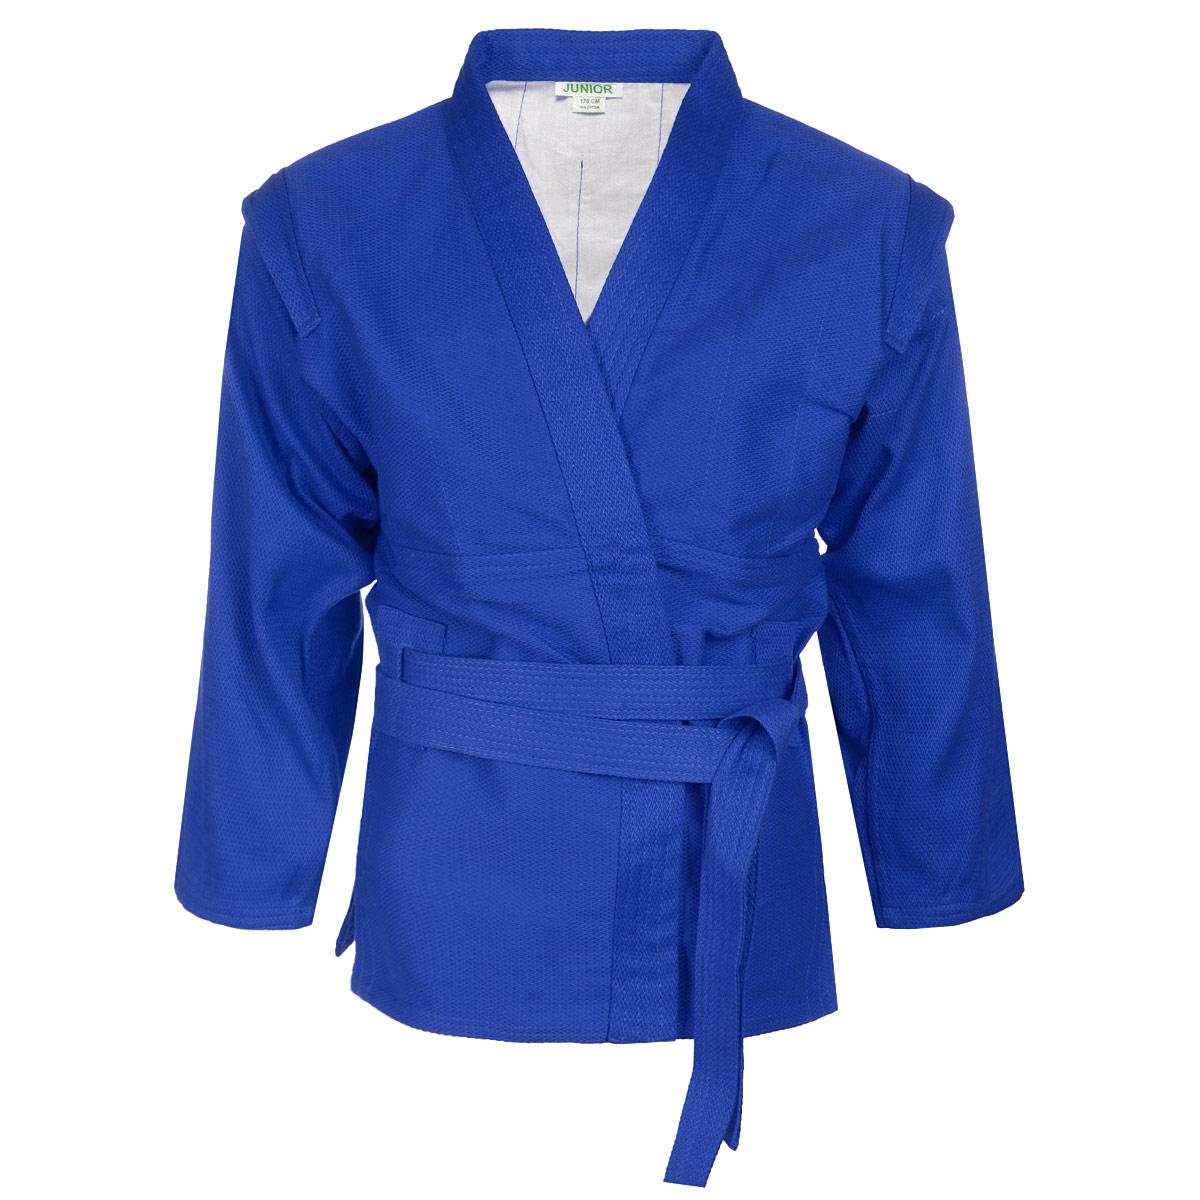 Кимоно детское для самбо Green Hill Junior, цвет: синий. SСJ-2201. Размер 140SСJ-2201Детское кимоно для самбо Green Hill Junior с глубоким запахом, боковыми разрезами и длинным рукавом изготовлено из плотного хлопка (плотность 300 г/м2) с плетением елочка.На изнаночной стороне для максимального комфорта до линии талии предусмотрена хлопковая подкладка. Боковые швы, края рукавов и полочек, низ изделия укреплены дополнительными строчками. Модель укреплена в подмышечной области. В области верхней части спины имеет особые прорези, в которые вставляется пояс, на плечах добавлены выступающие крылышки, предназначенные для выполнения захватов. Длинный плотный пояс укреплен многорядной прострочкой.